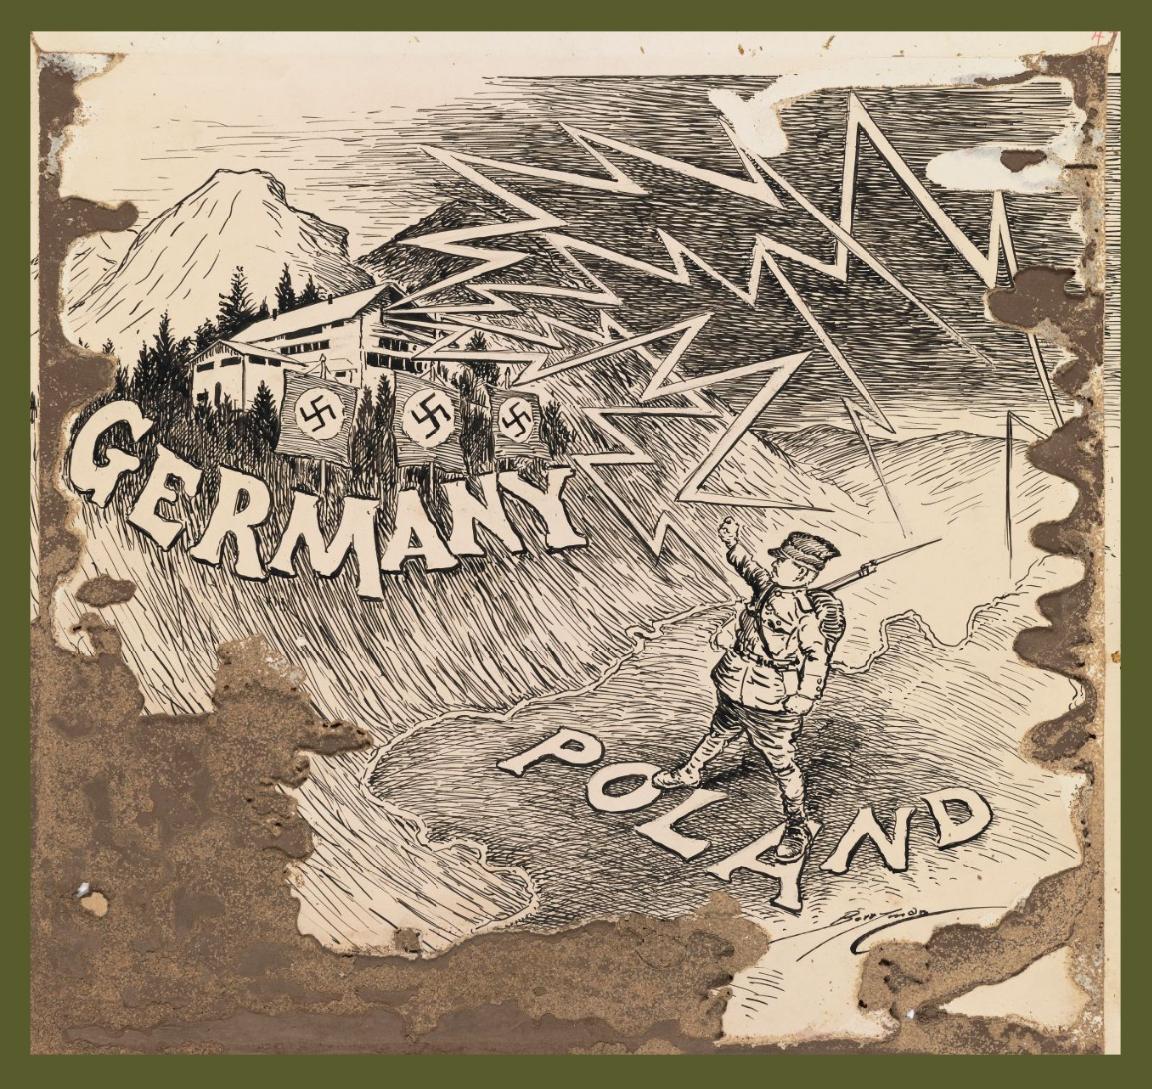 September 1, German troops invade Poland